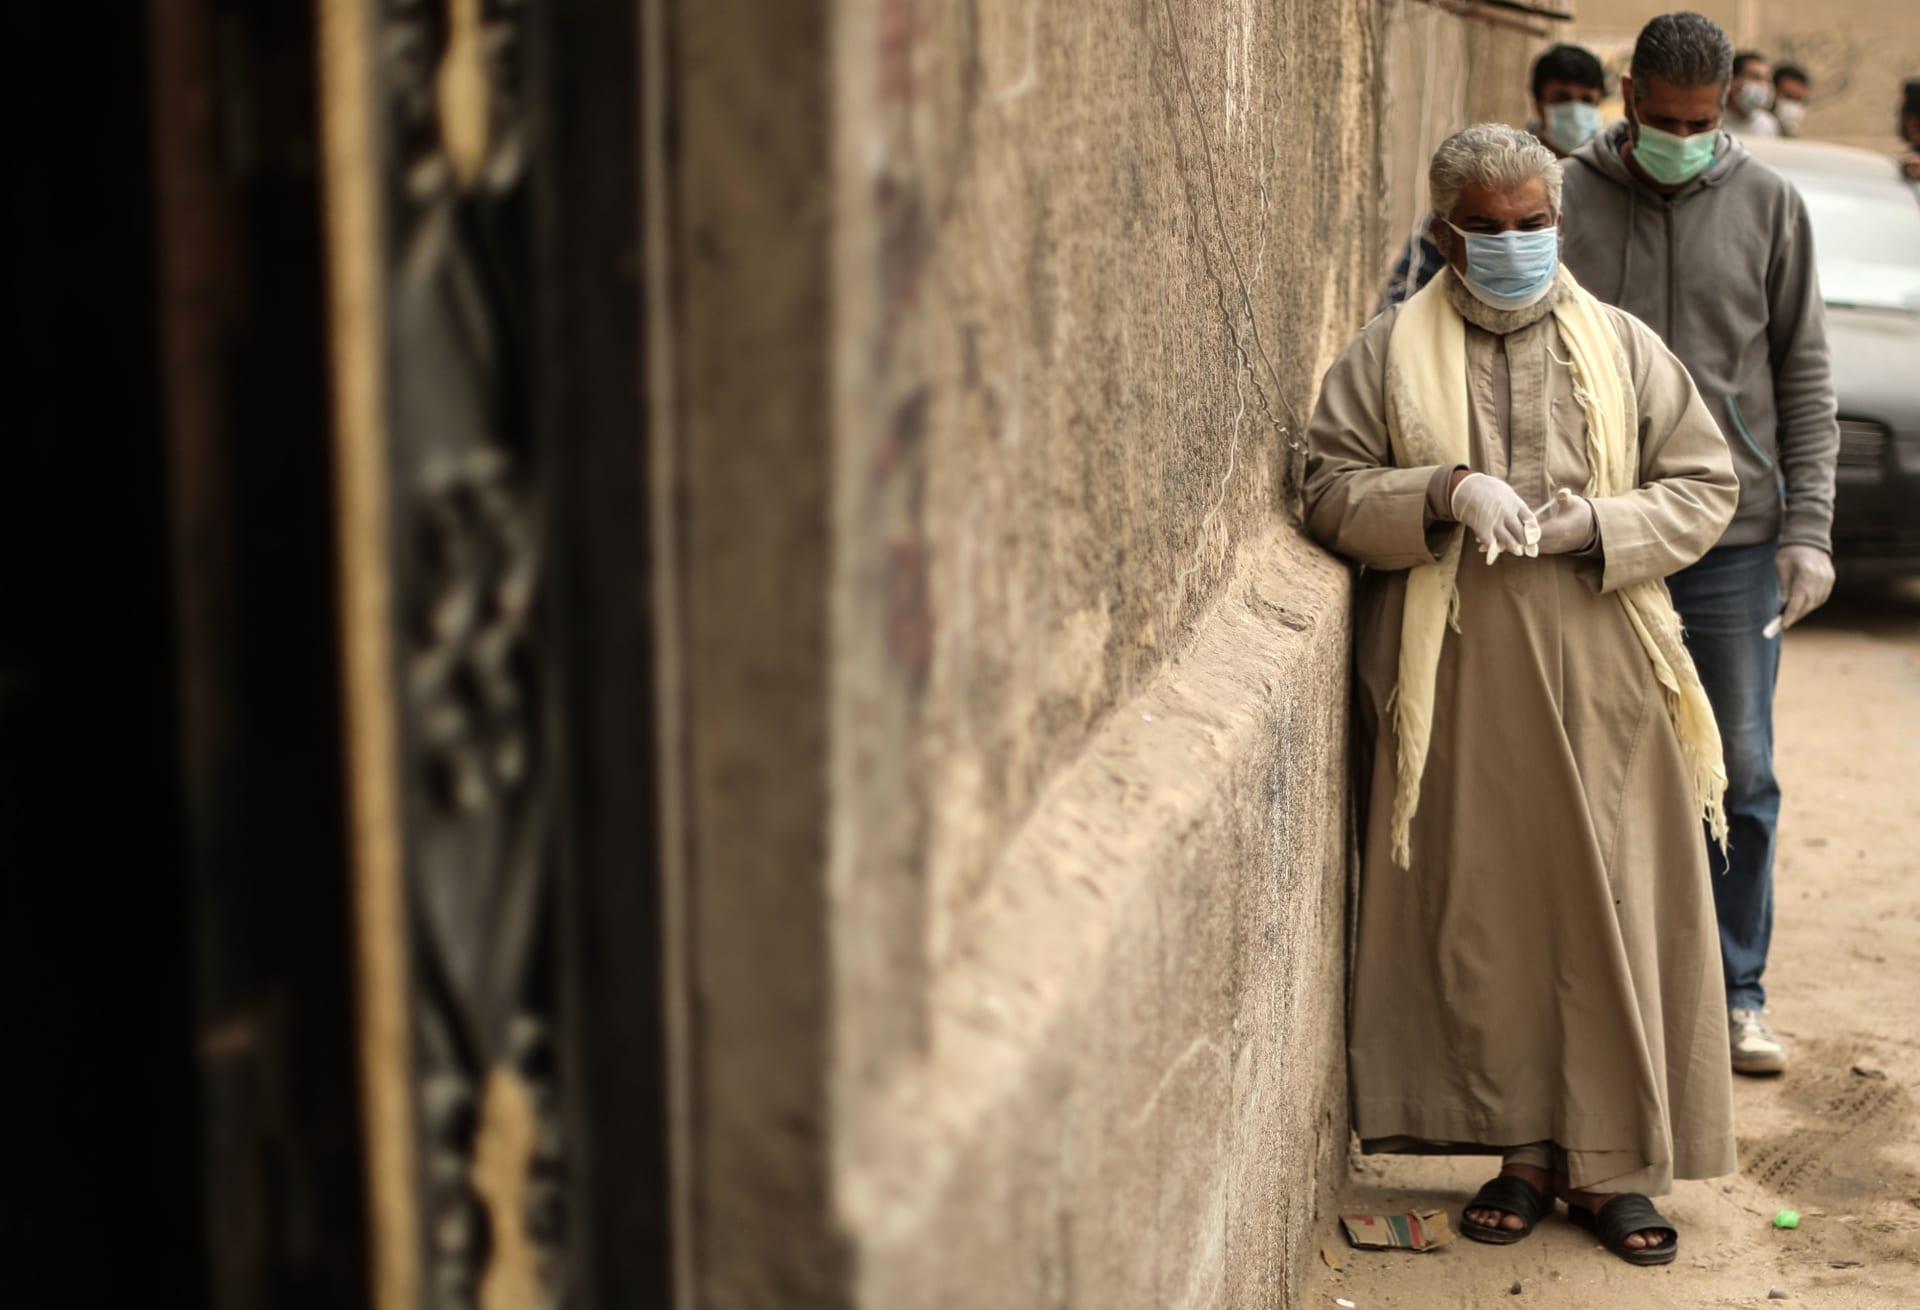 كورونا في مصر.. الإصابات تكسر حاجز الـ2000 وهذه أعداد الوفيات وحالات الشفاء